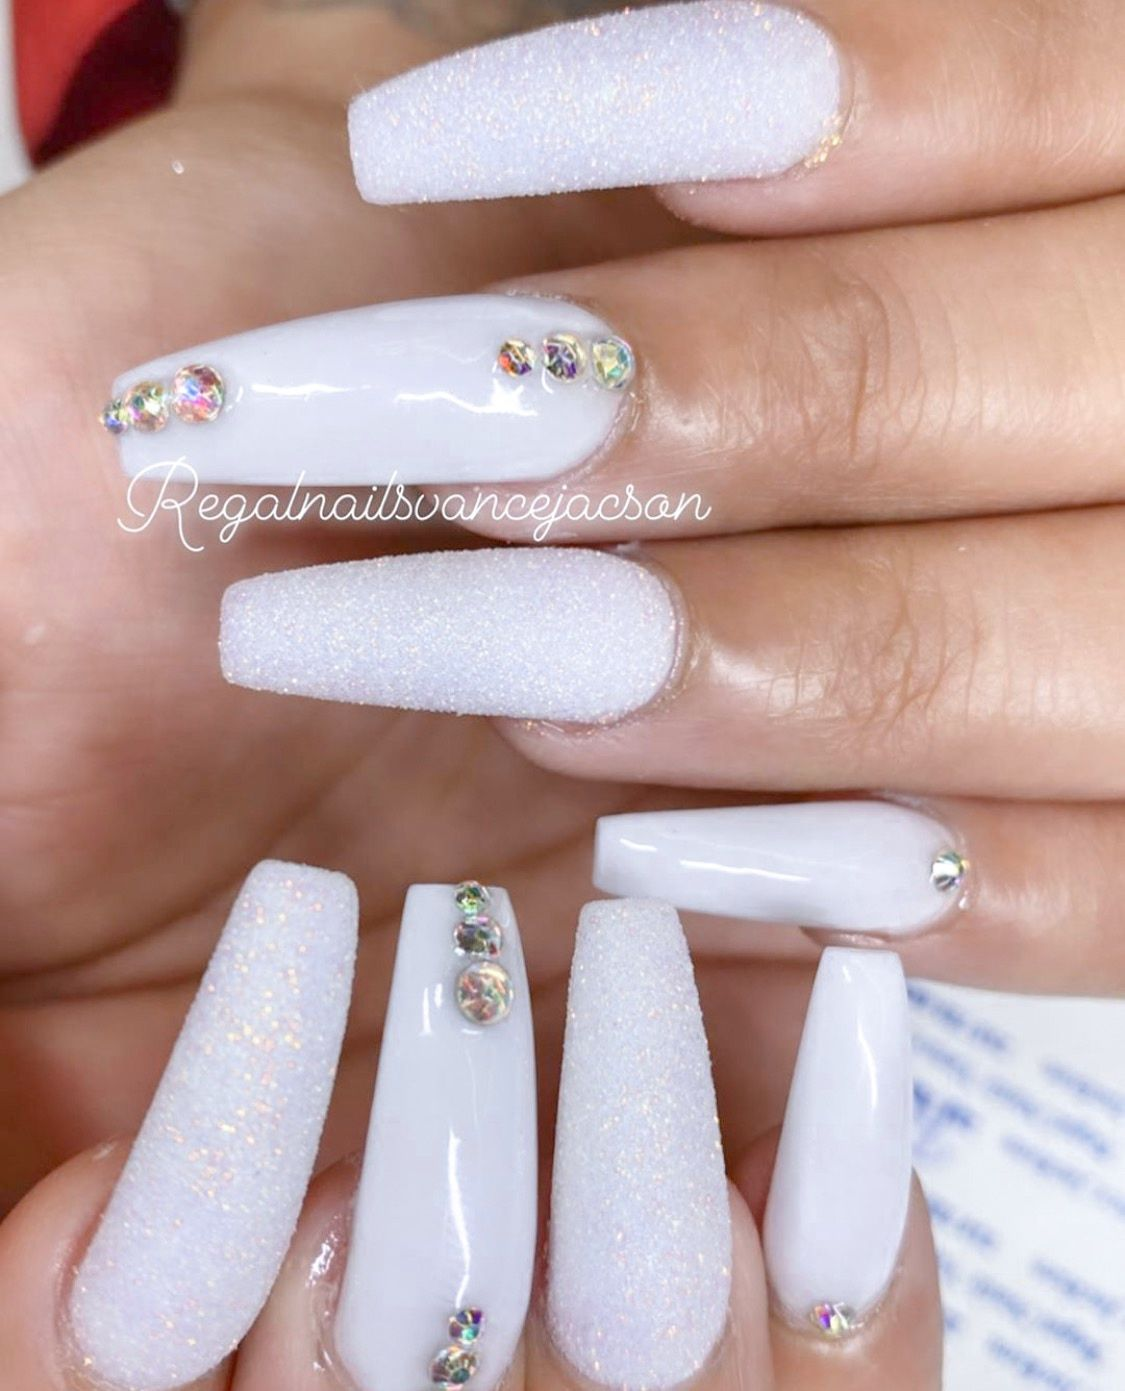 Pin by miranda 🧿🌱 on nails in 2020 | Long acrylic nails